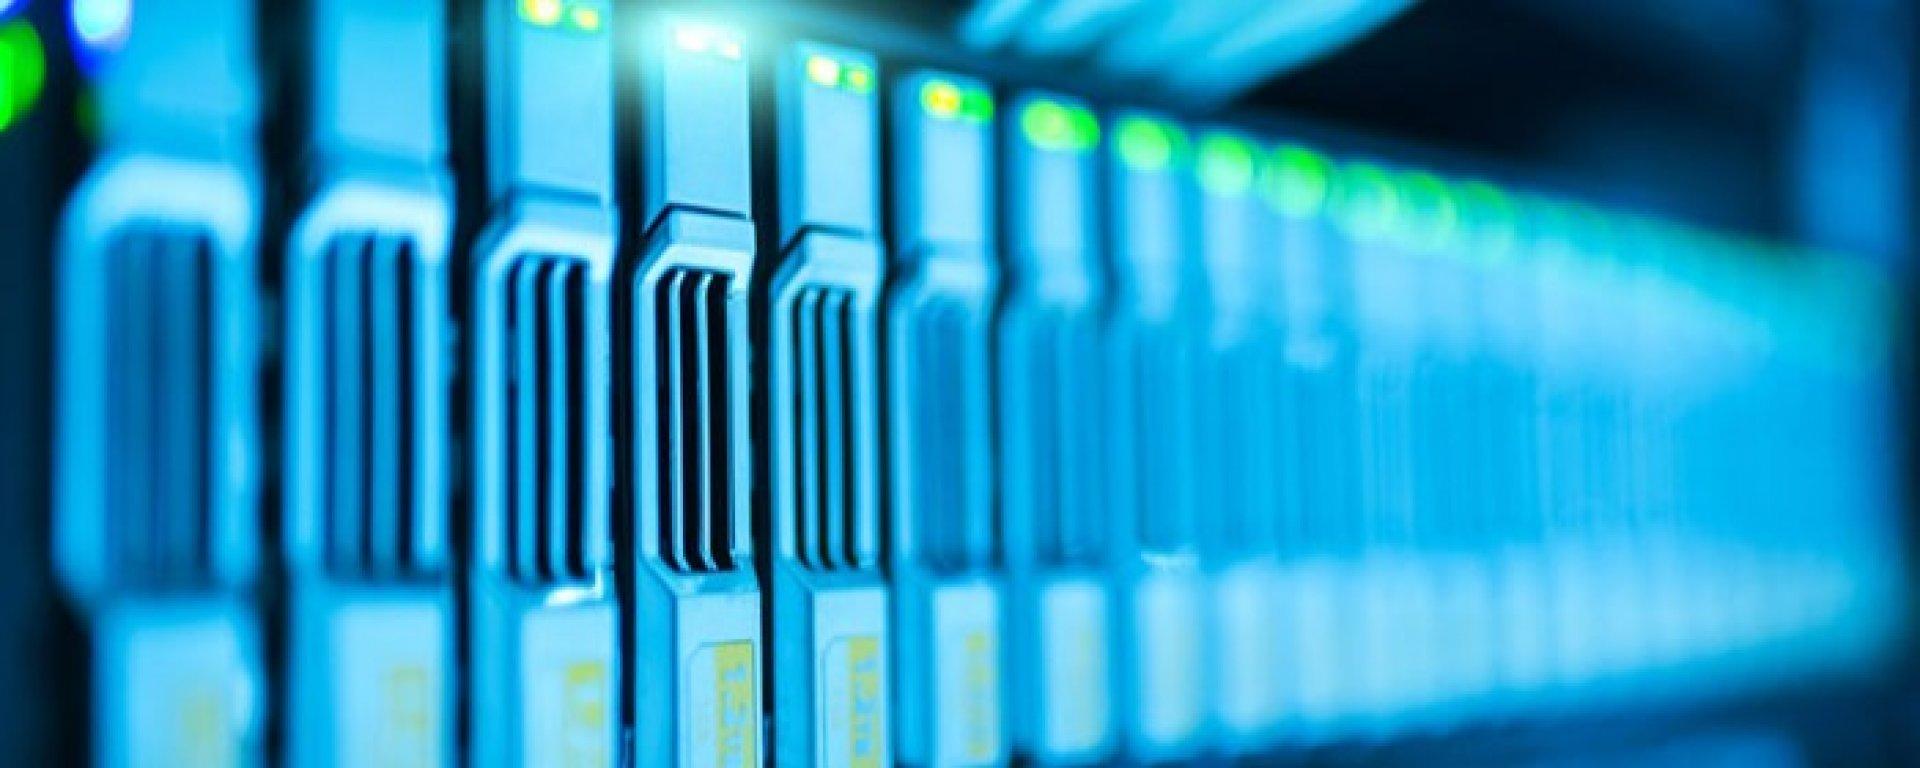 Anticiper et minimiser l'impact d'un cyber risque sur votre entreprise : TPE, PME, vous êtes concernées !